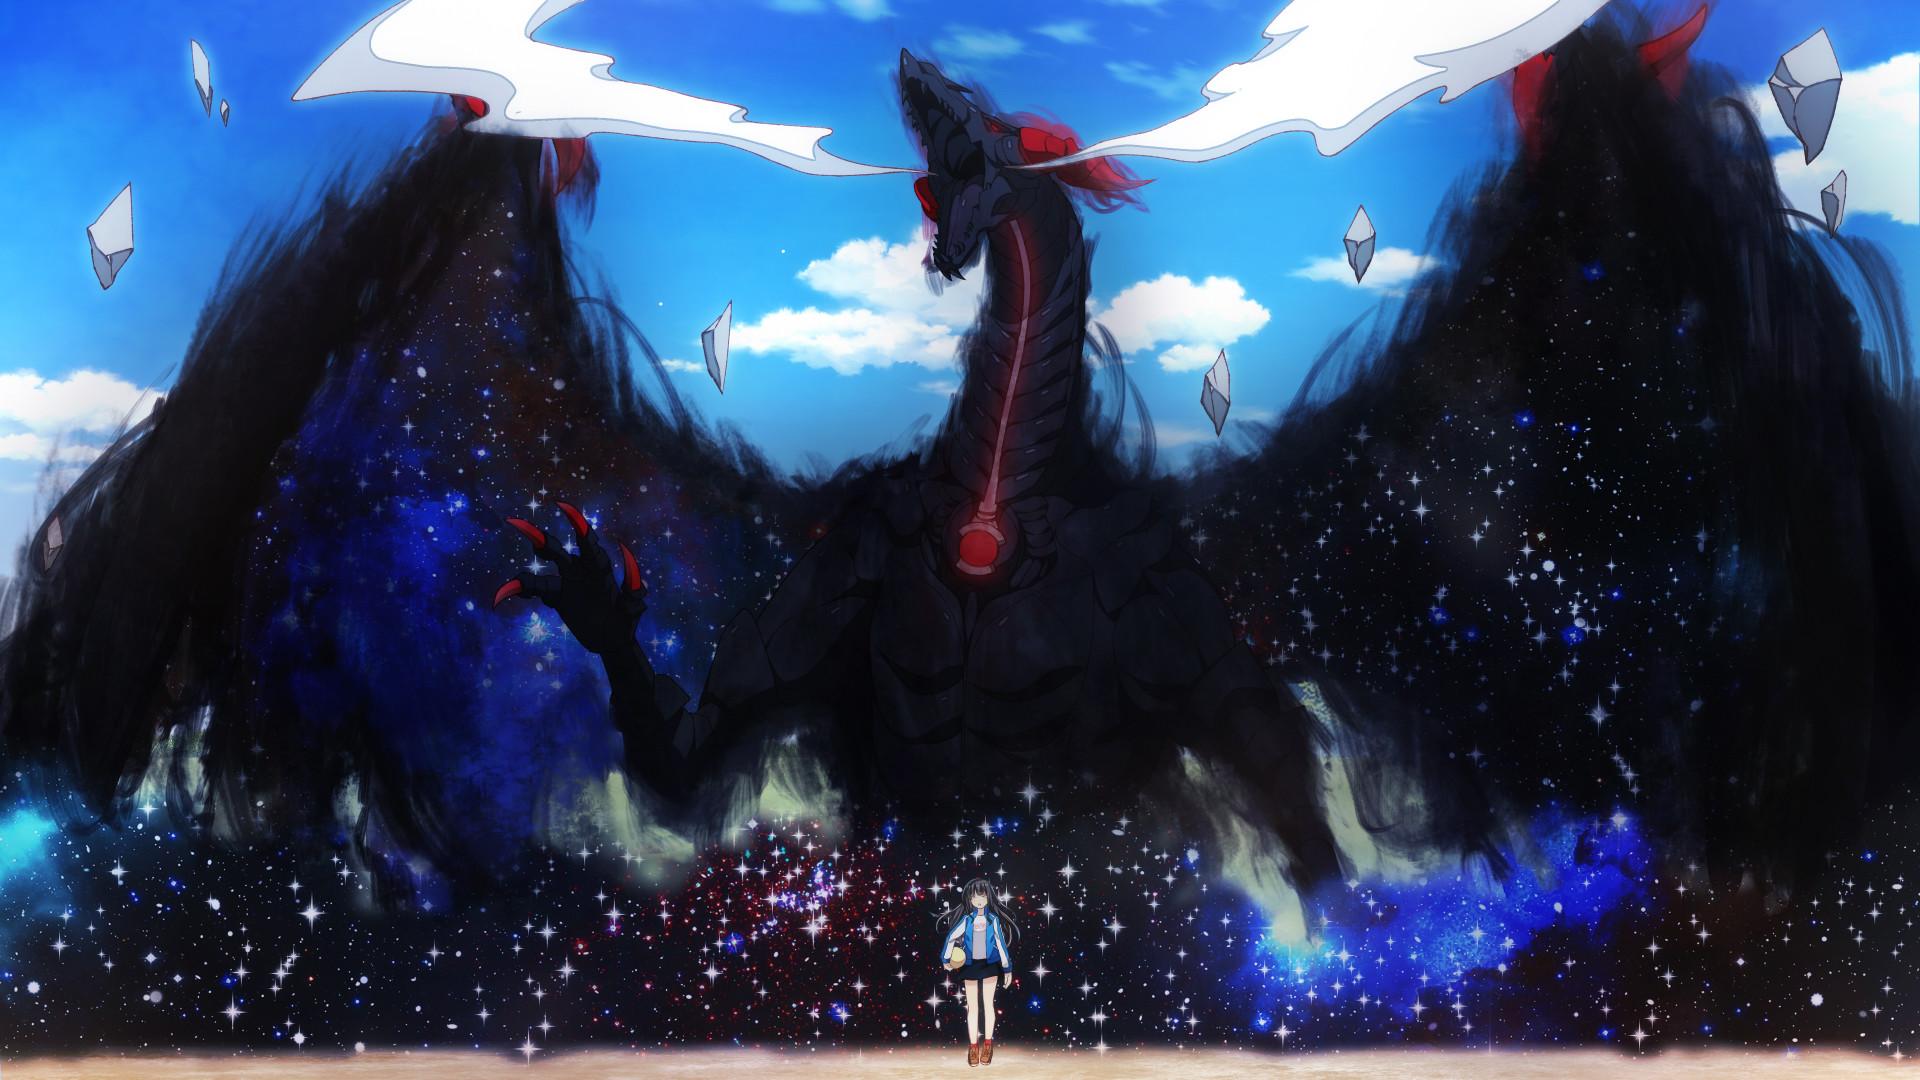 丸子与银河龙/MARCO AND GALAXY DRAGON插图8